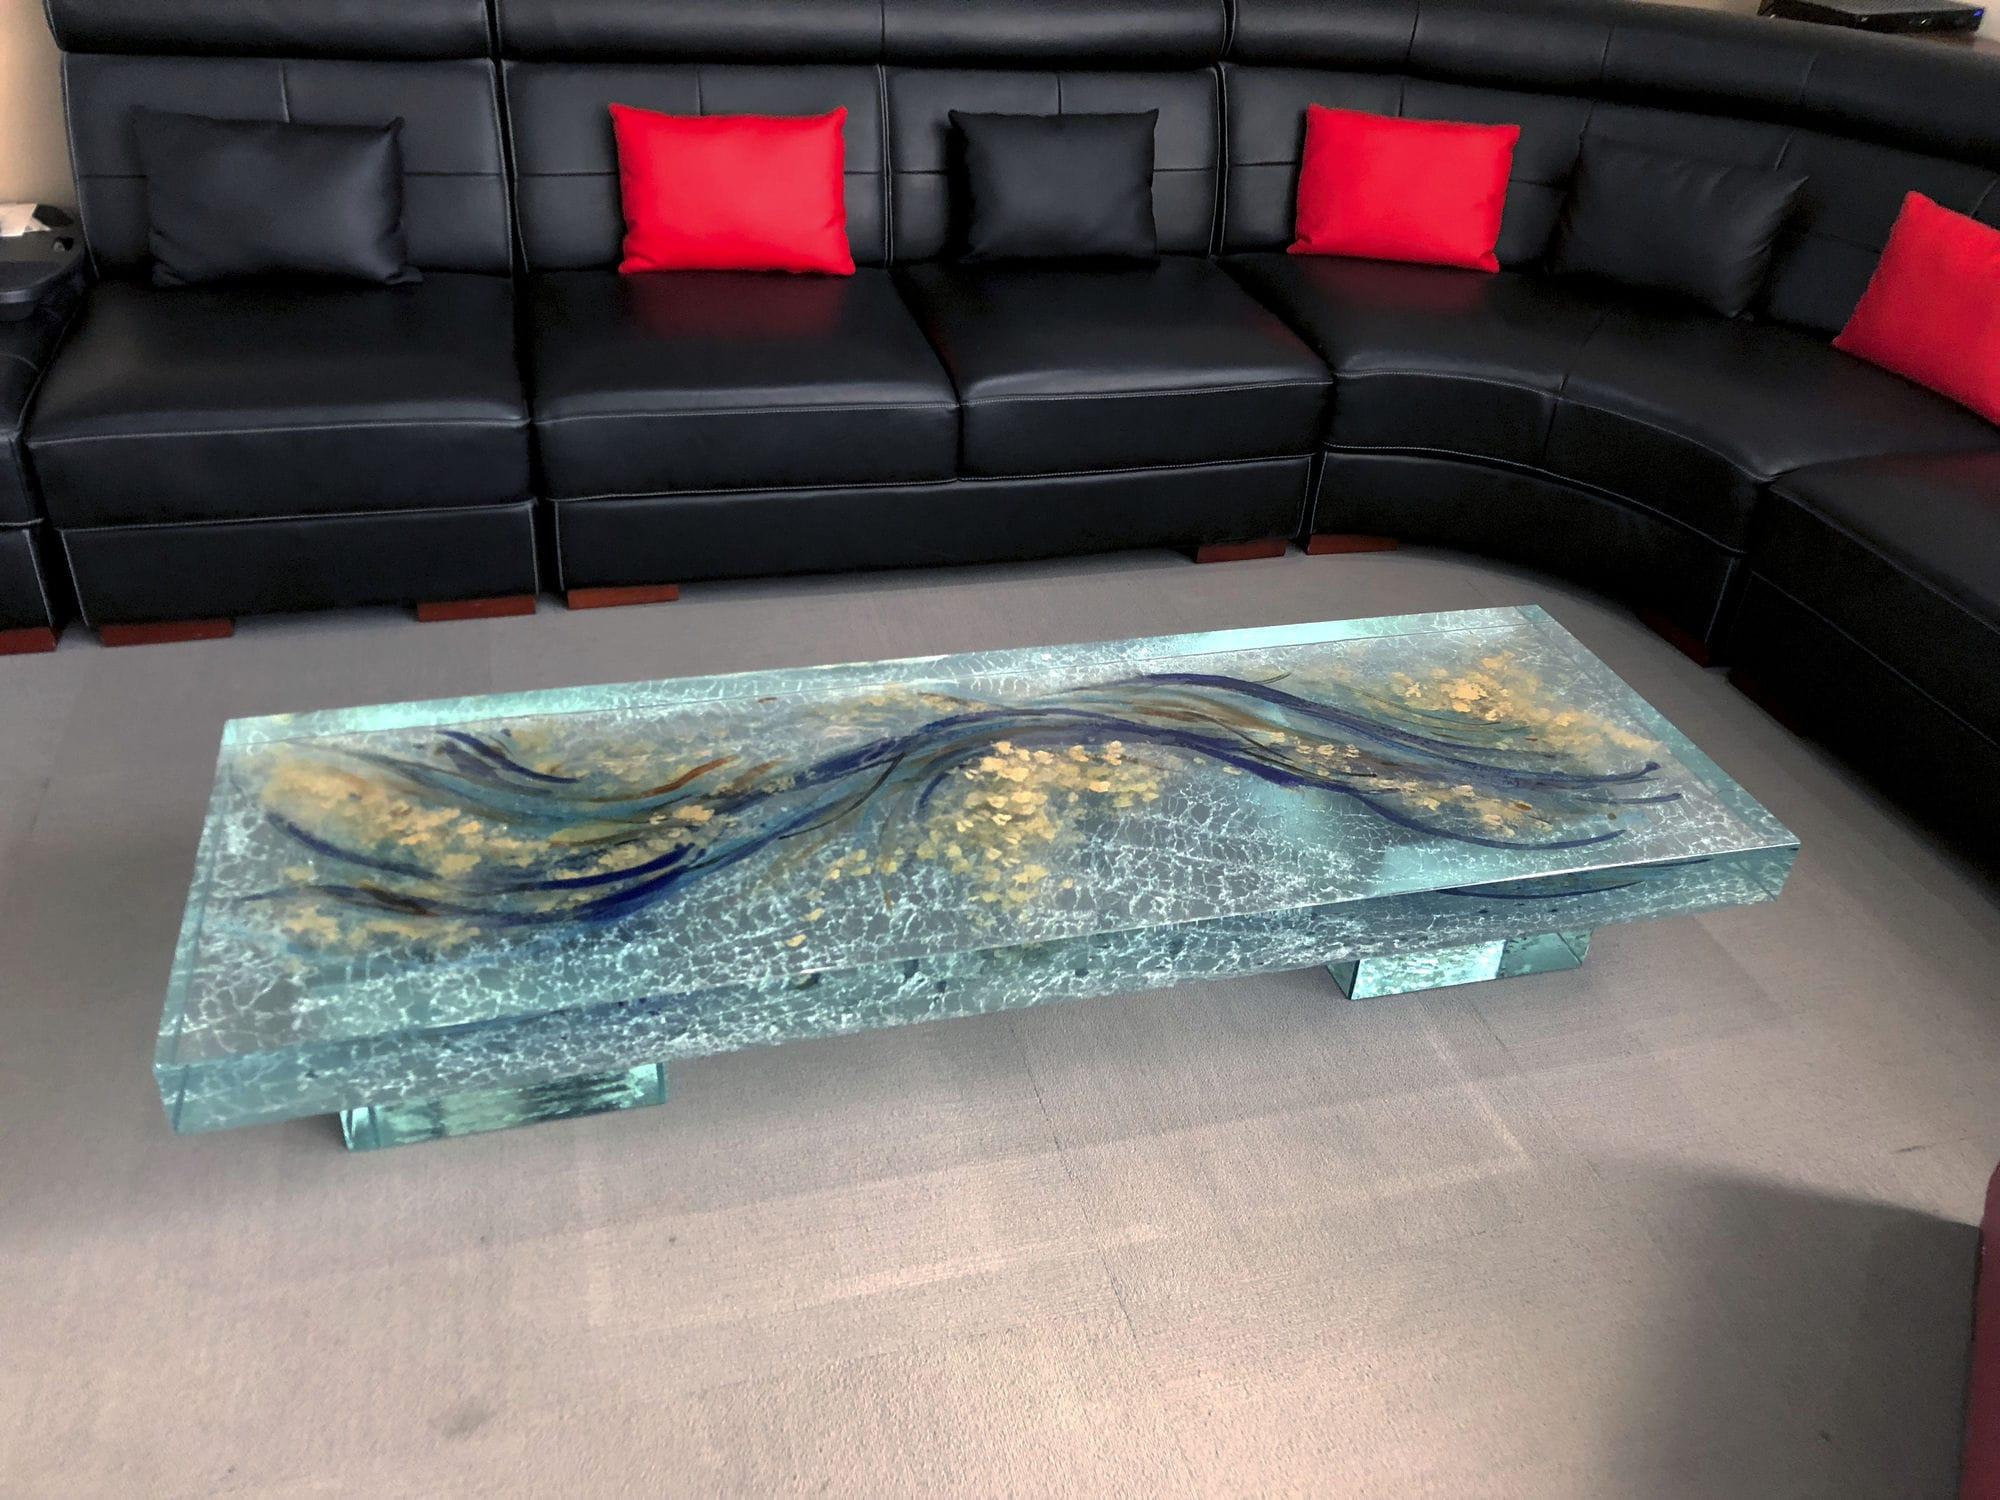 Table Basse Design Original En Verre Rectangulaire De Salon